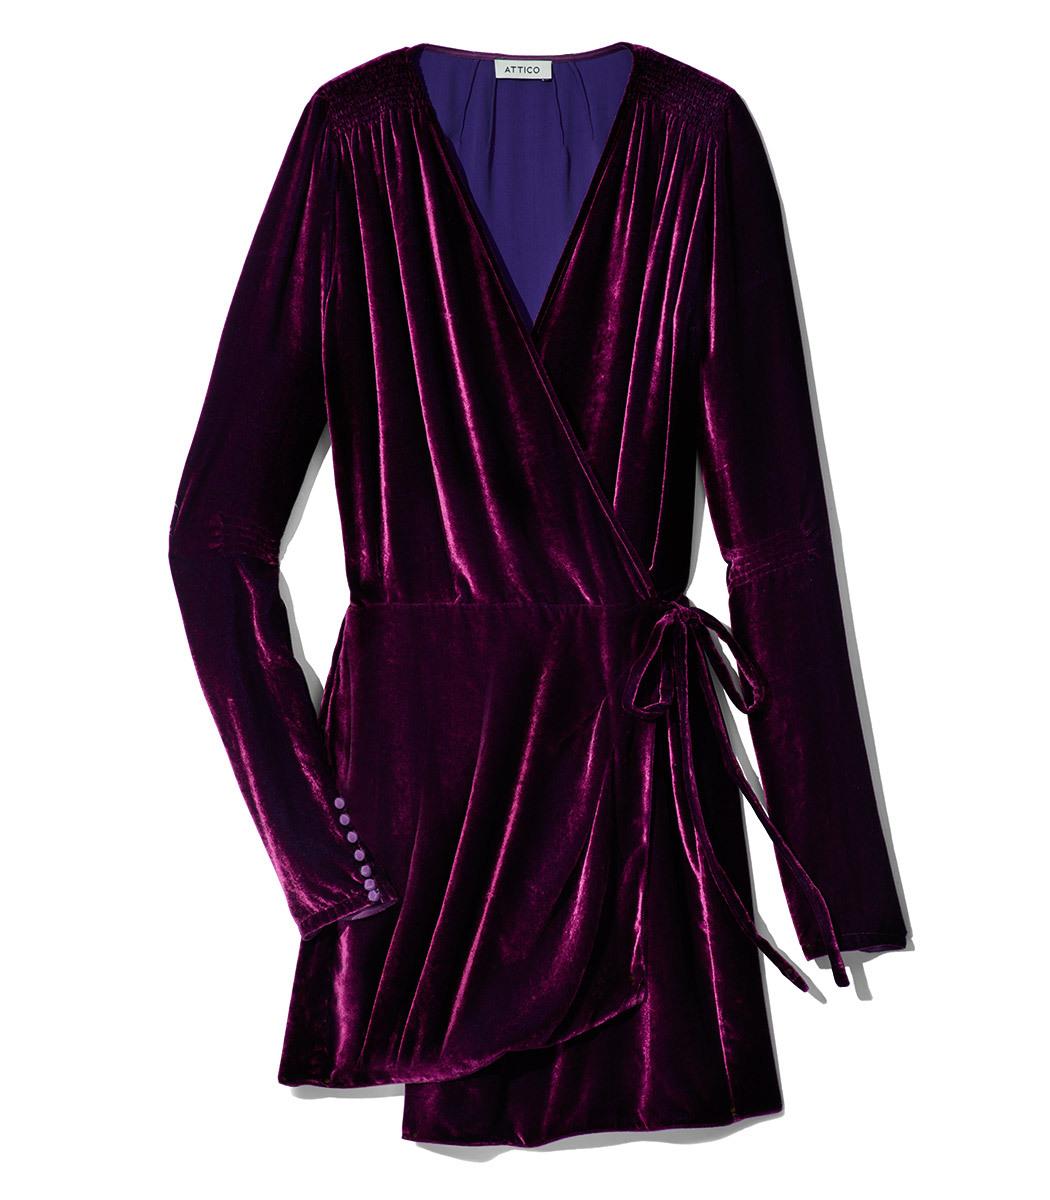 Attico Burgundy Velvet Mini Robe Dress Modesens